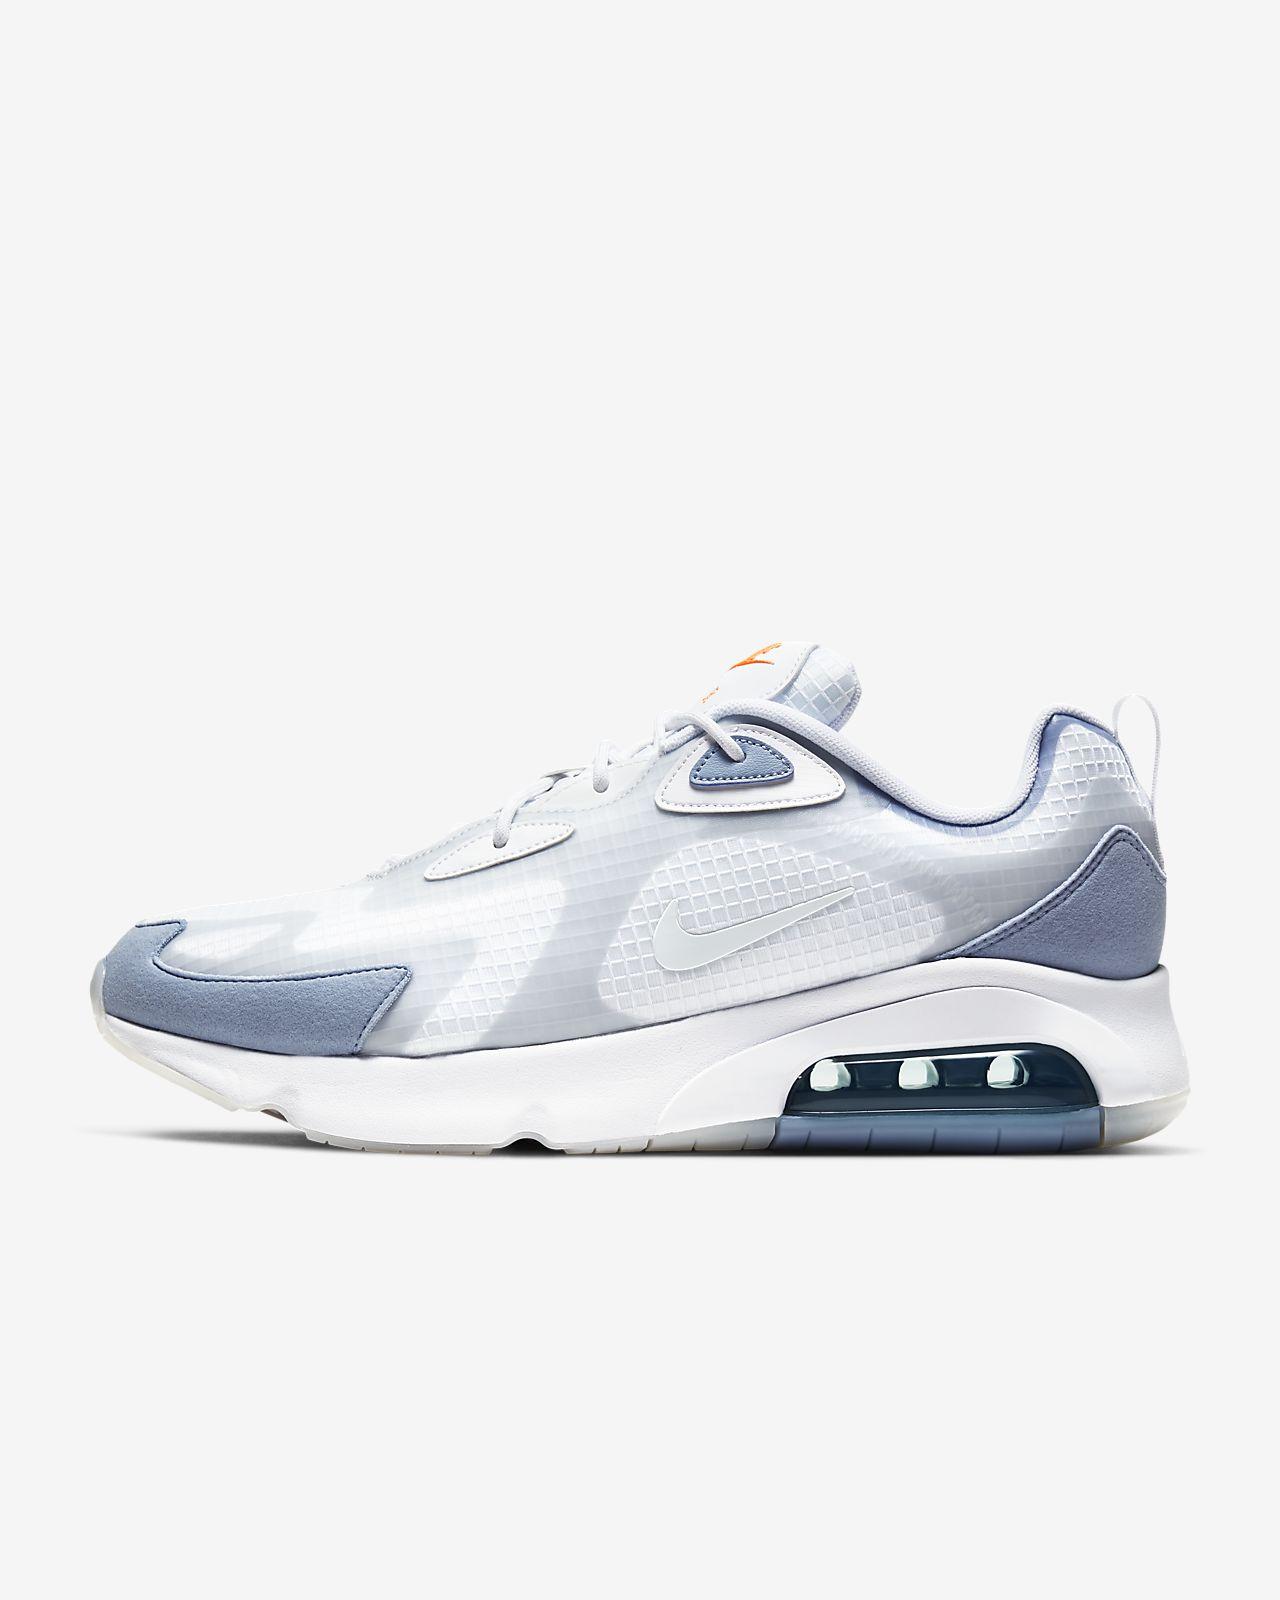 Nike Air Max 200 SE 男子运动鞋